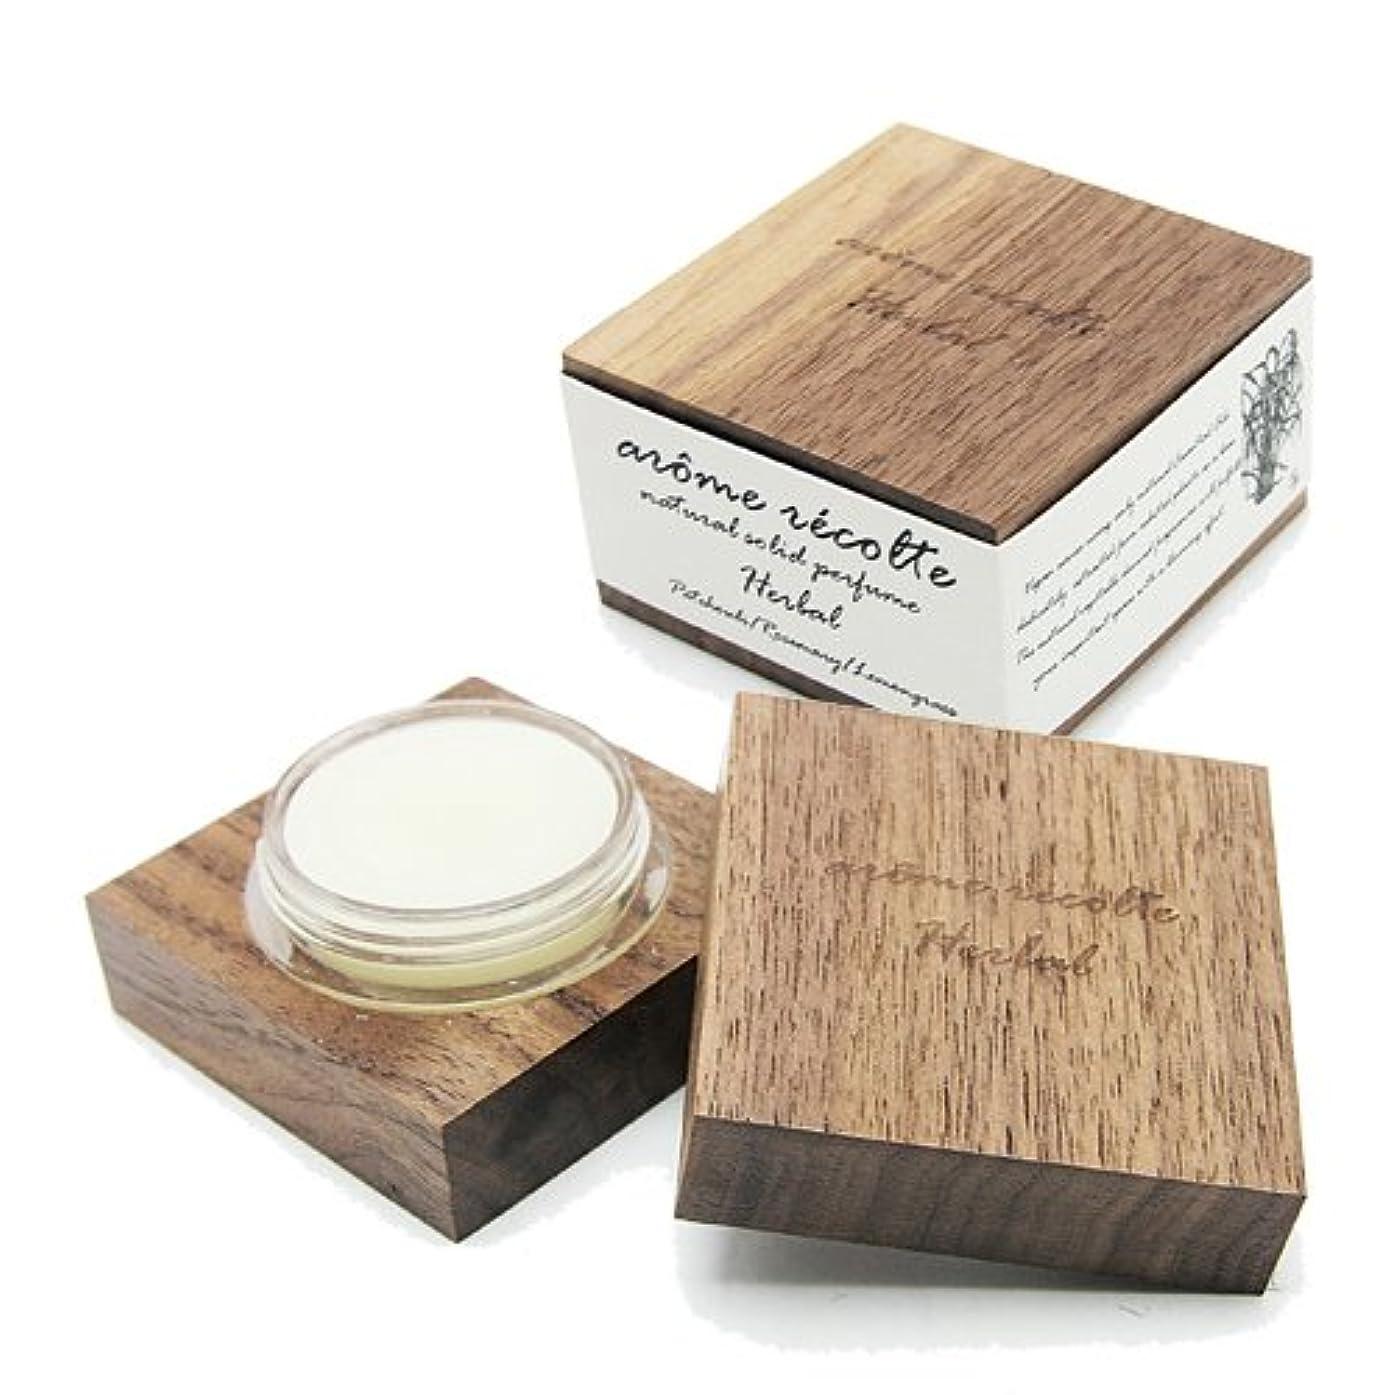 カップ告白するわかりやすいアロマレコルト ナチュラル ソリッドパフューム ハーバル Herbal arome recolte 練り香水